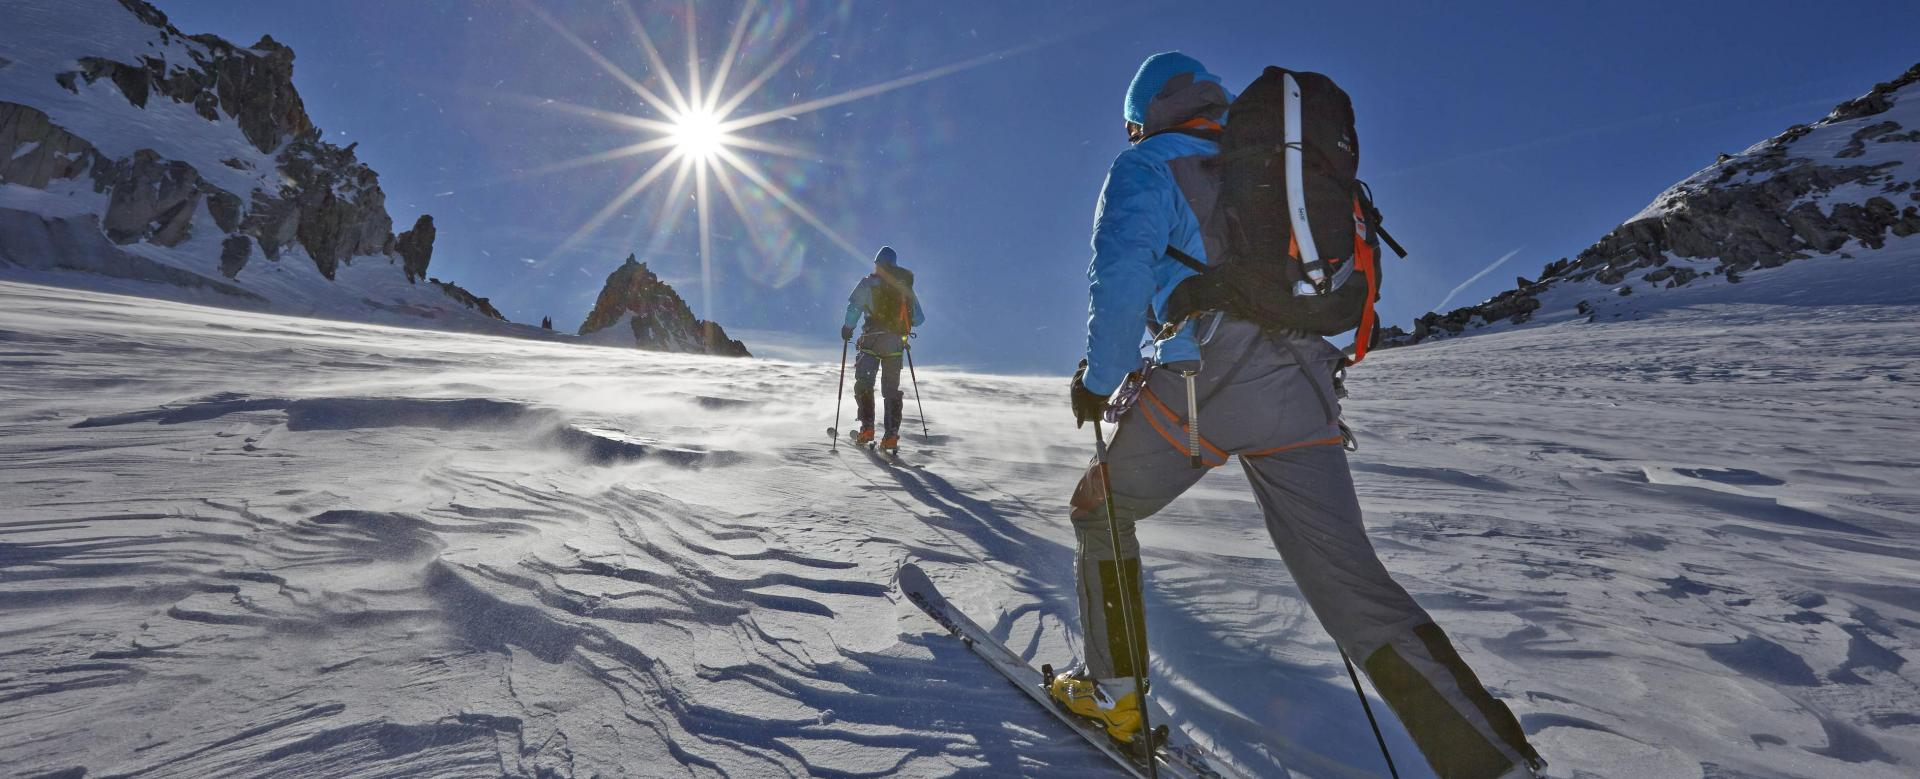 Voyage à pied France : Ascension du mont-blanc